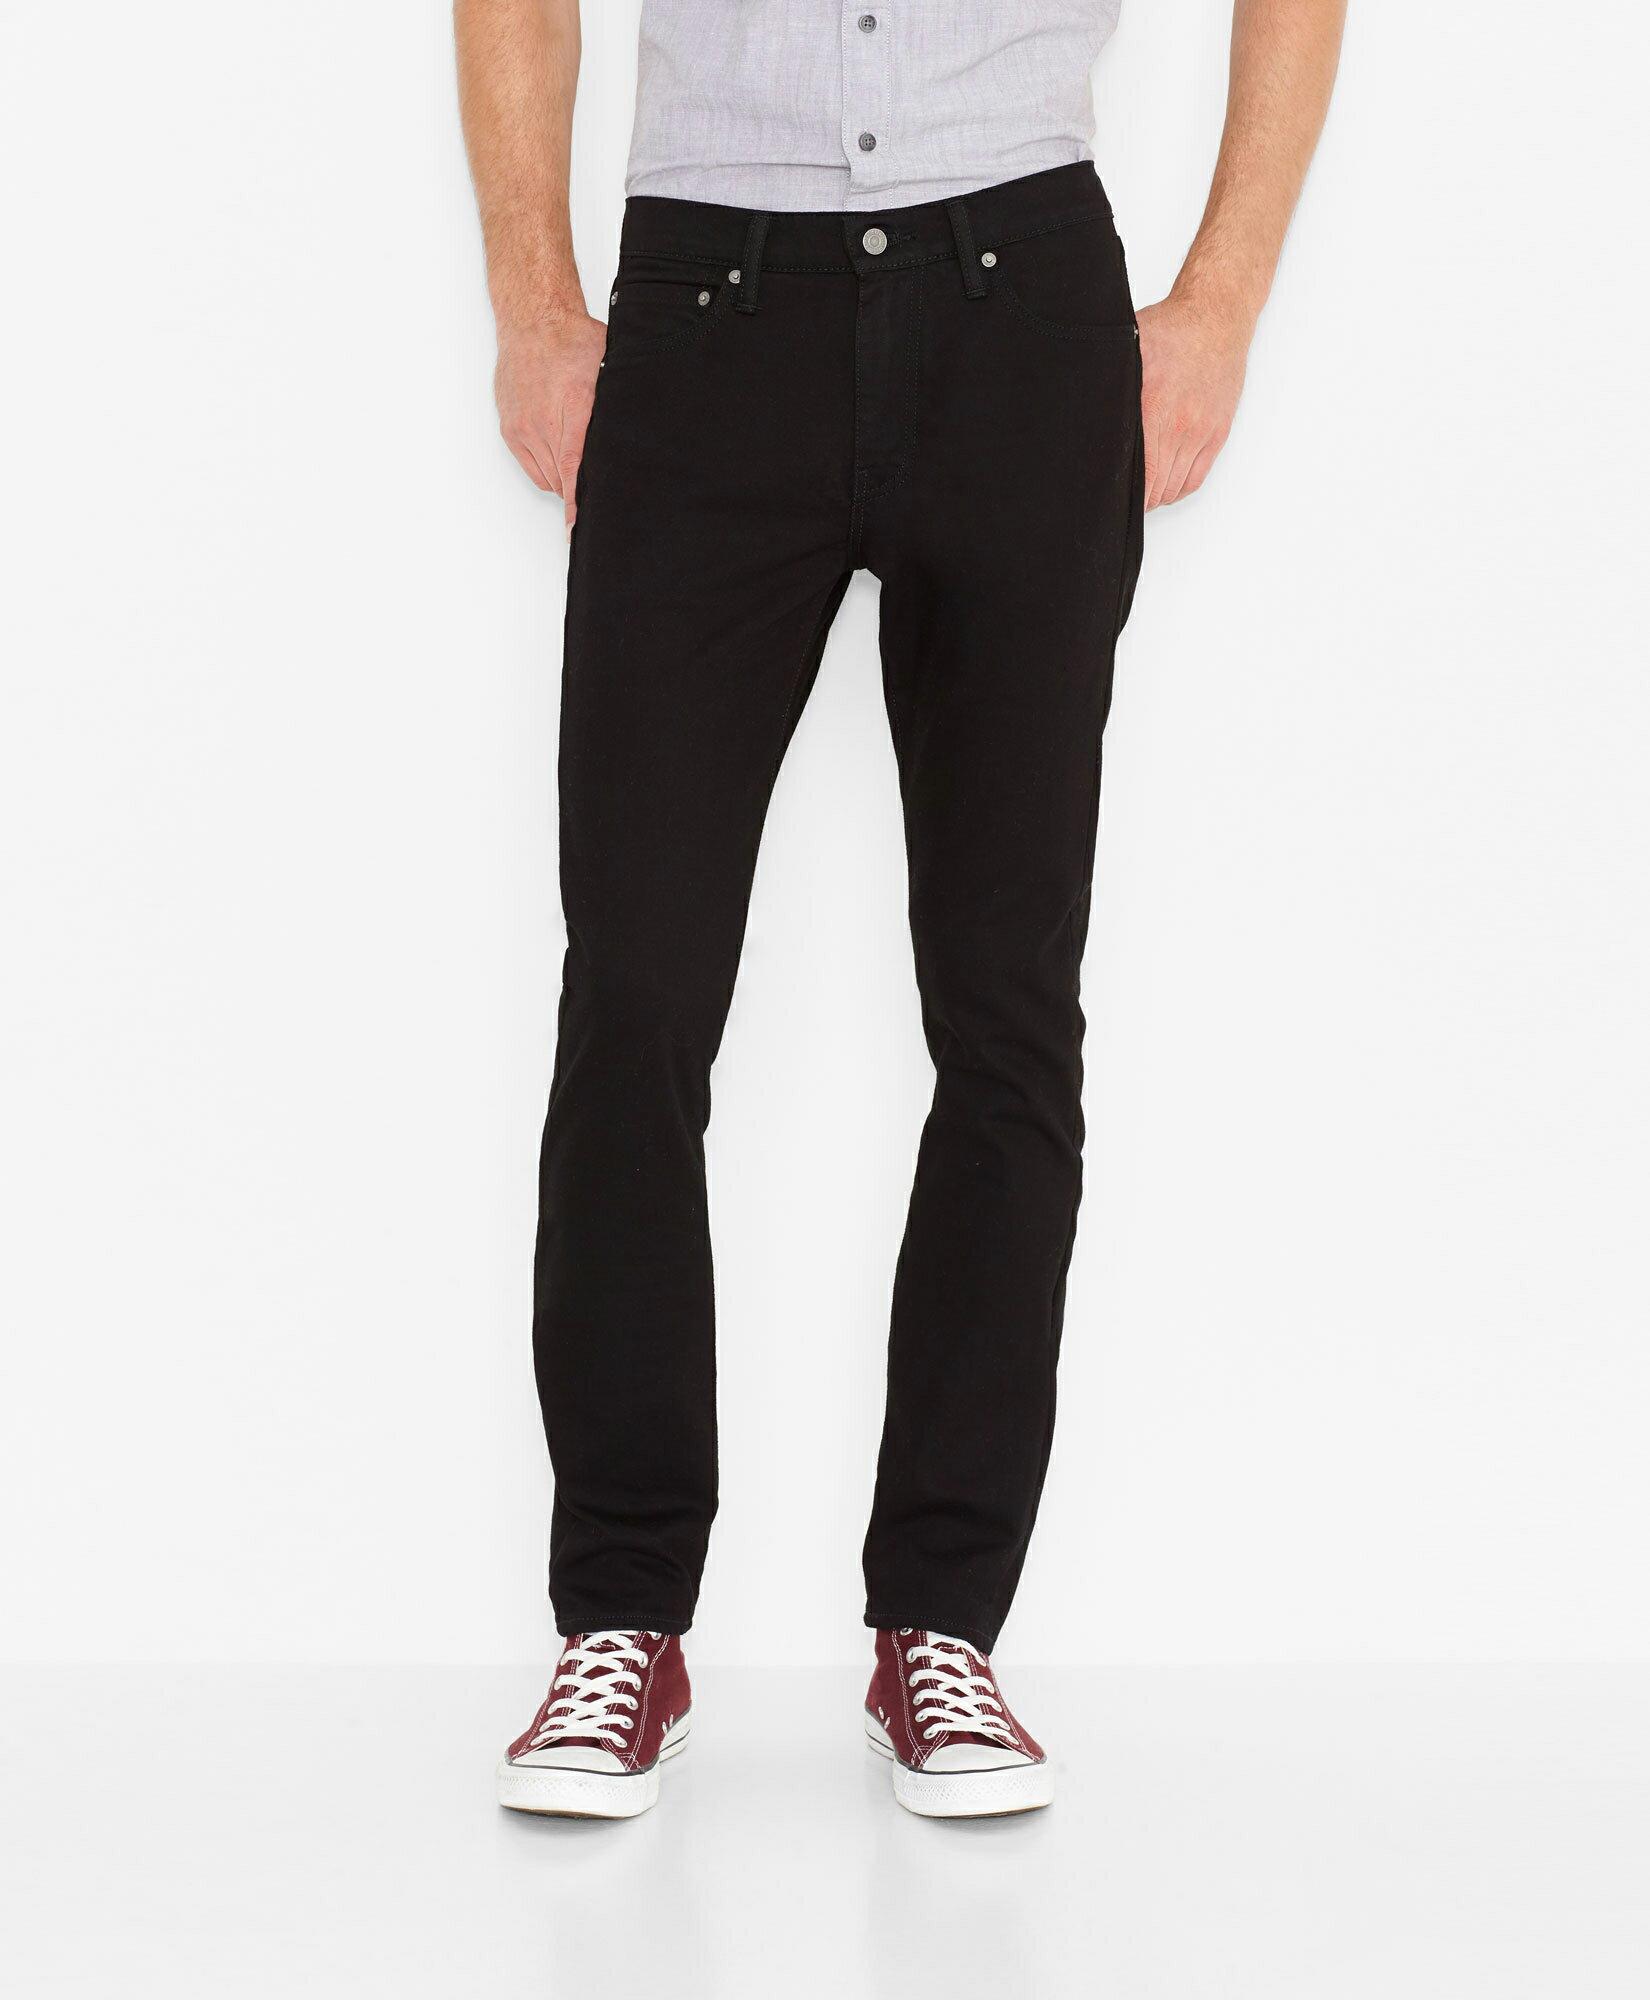 美國百分百【全新真品】Levis 510 Skinny Fit 男 牛仔褲 直筒 合身 窄版 單寧 黑 31腰 E283